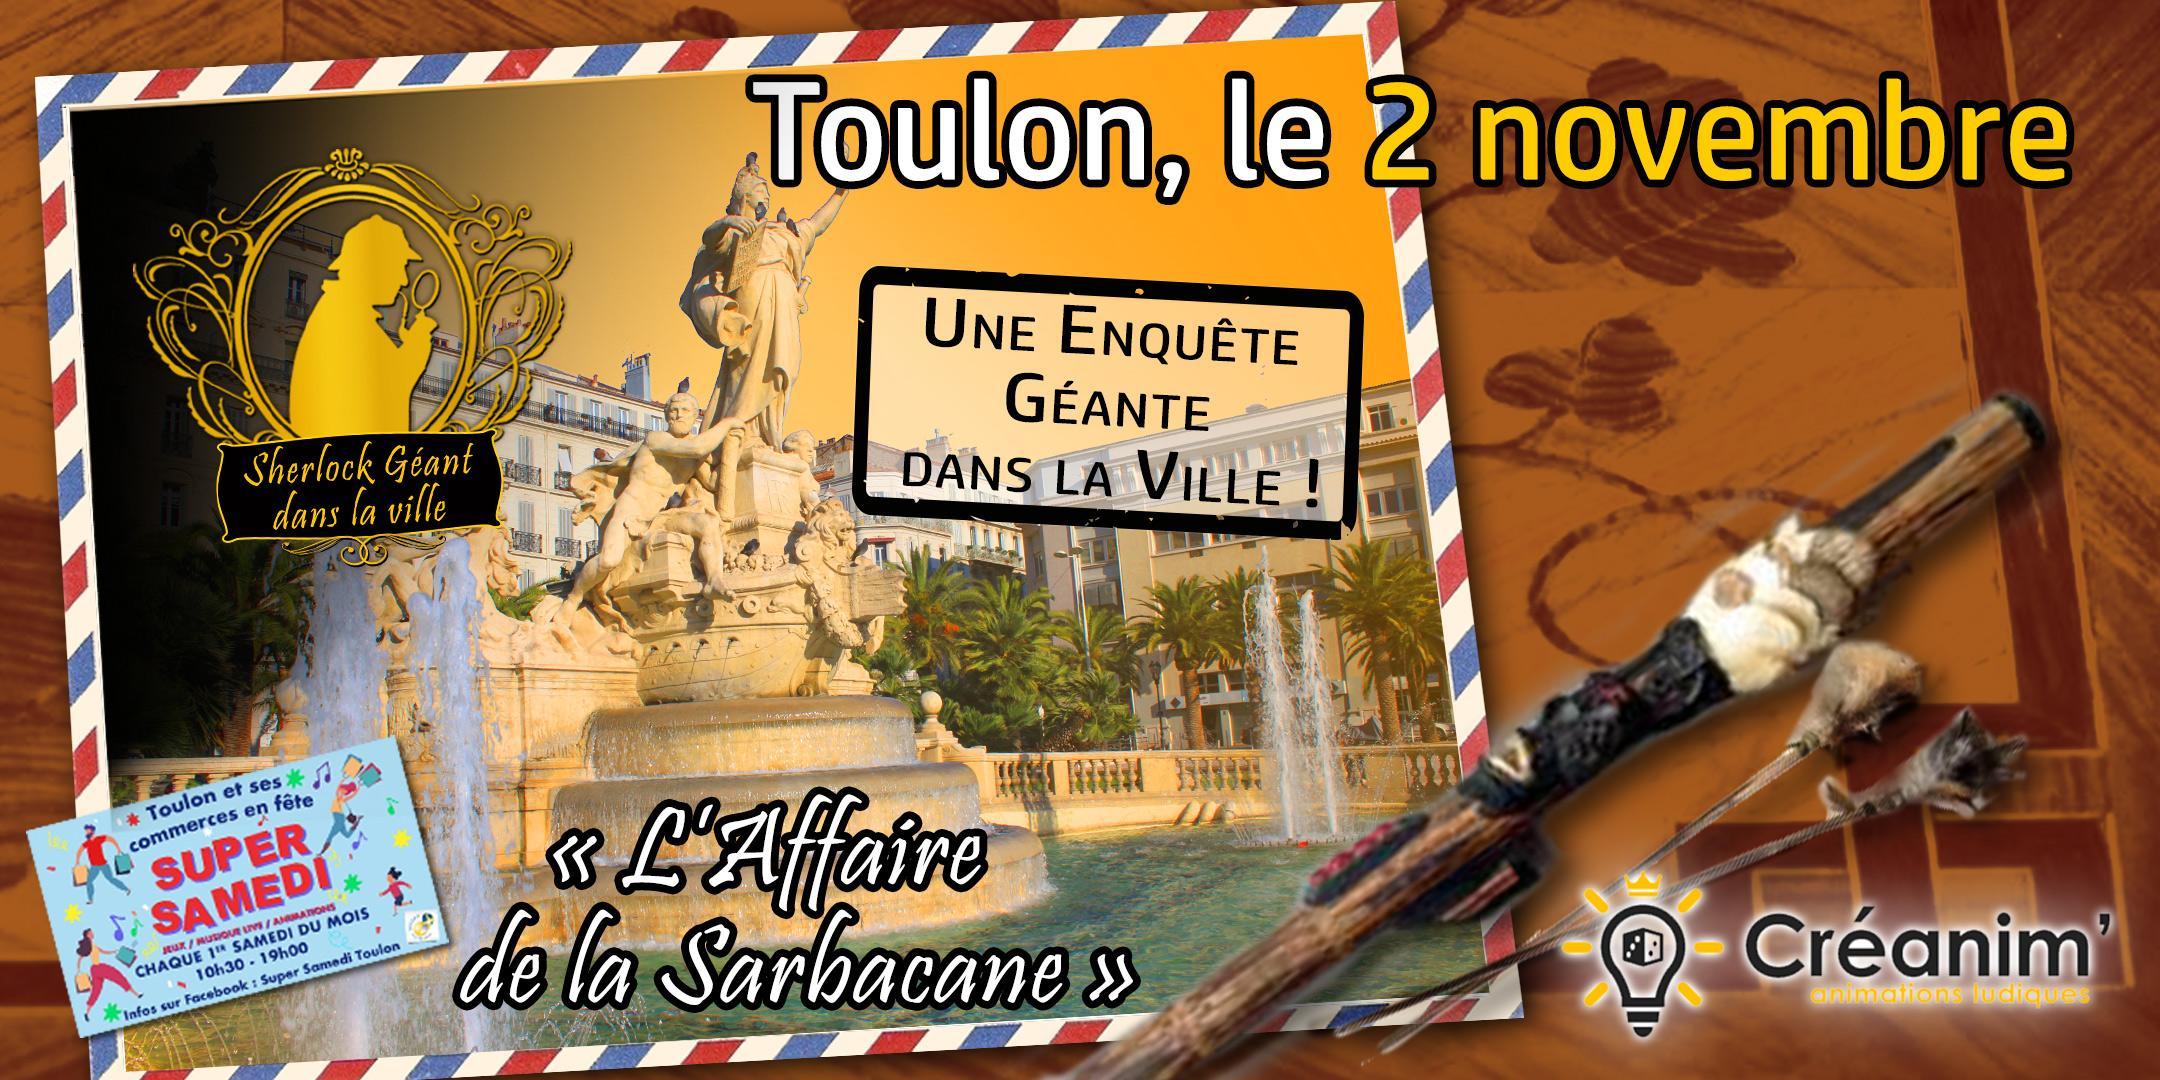 Enquête géante Toulon